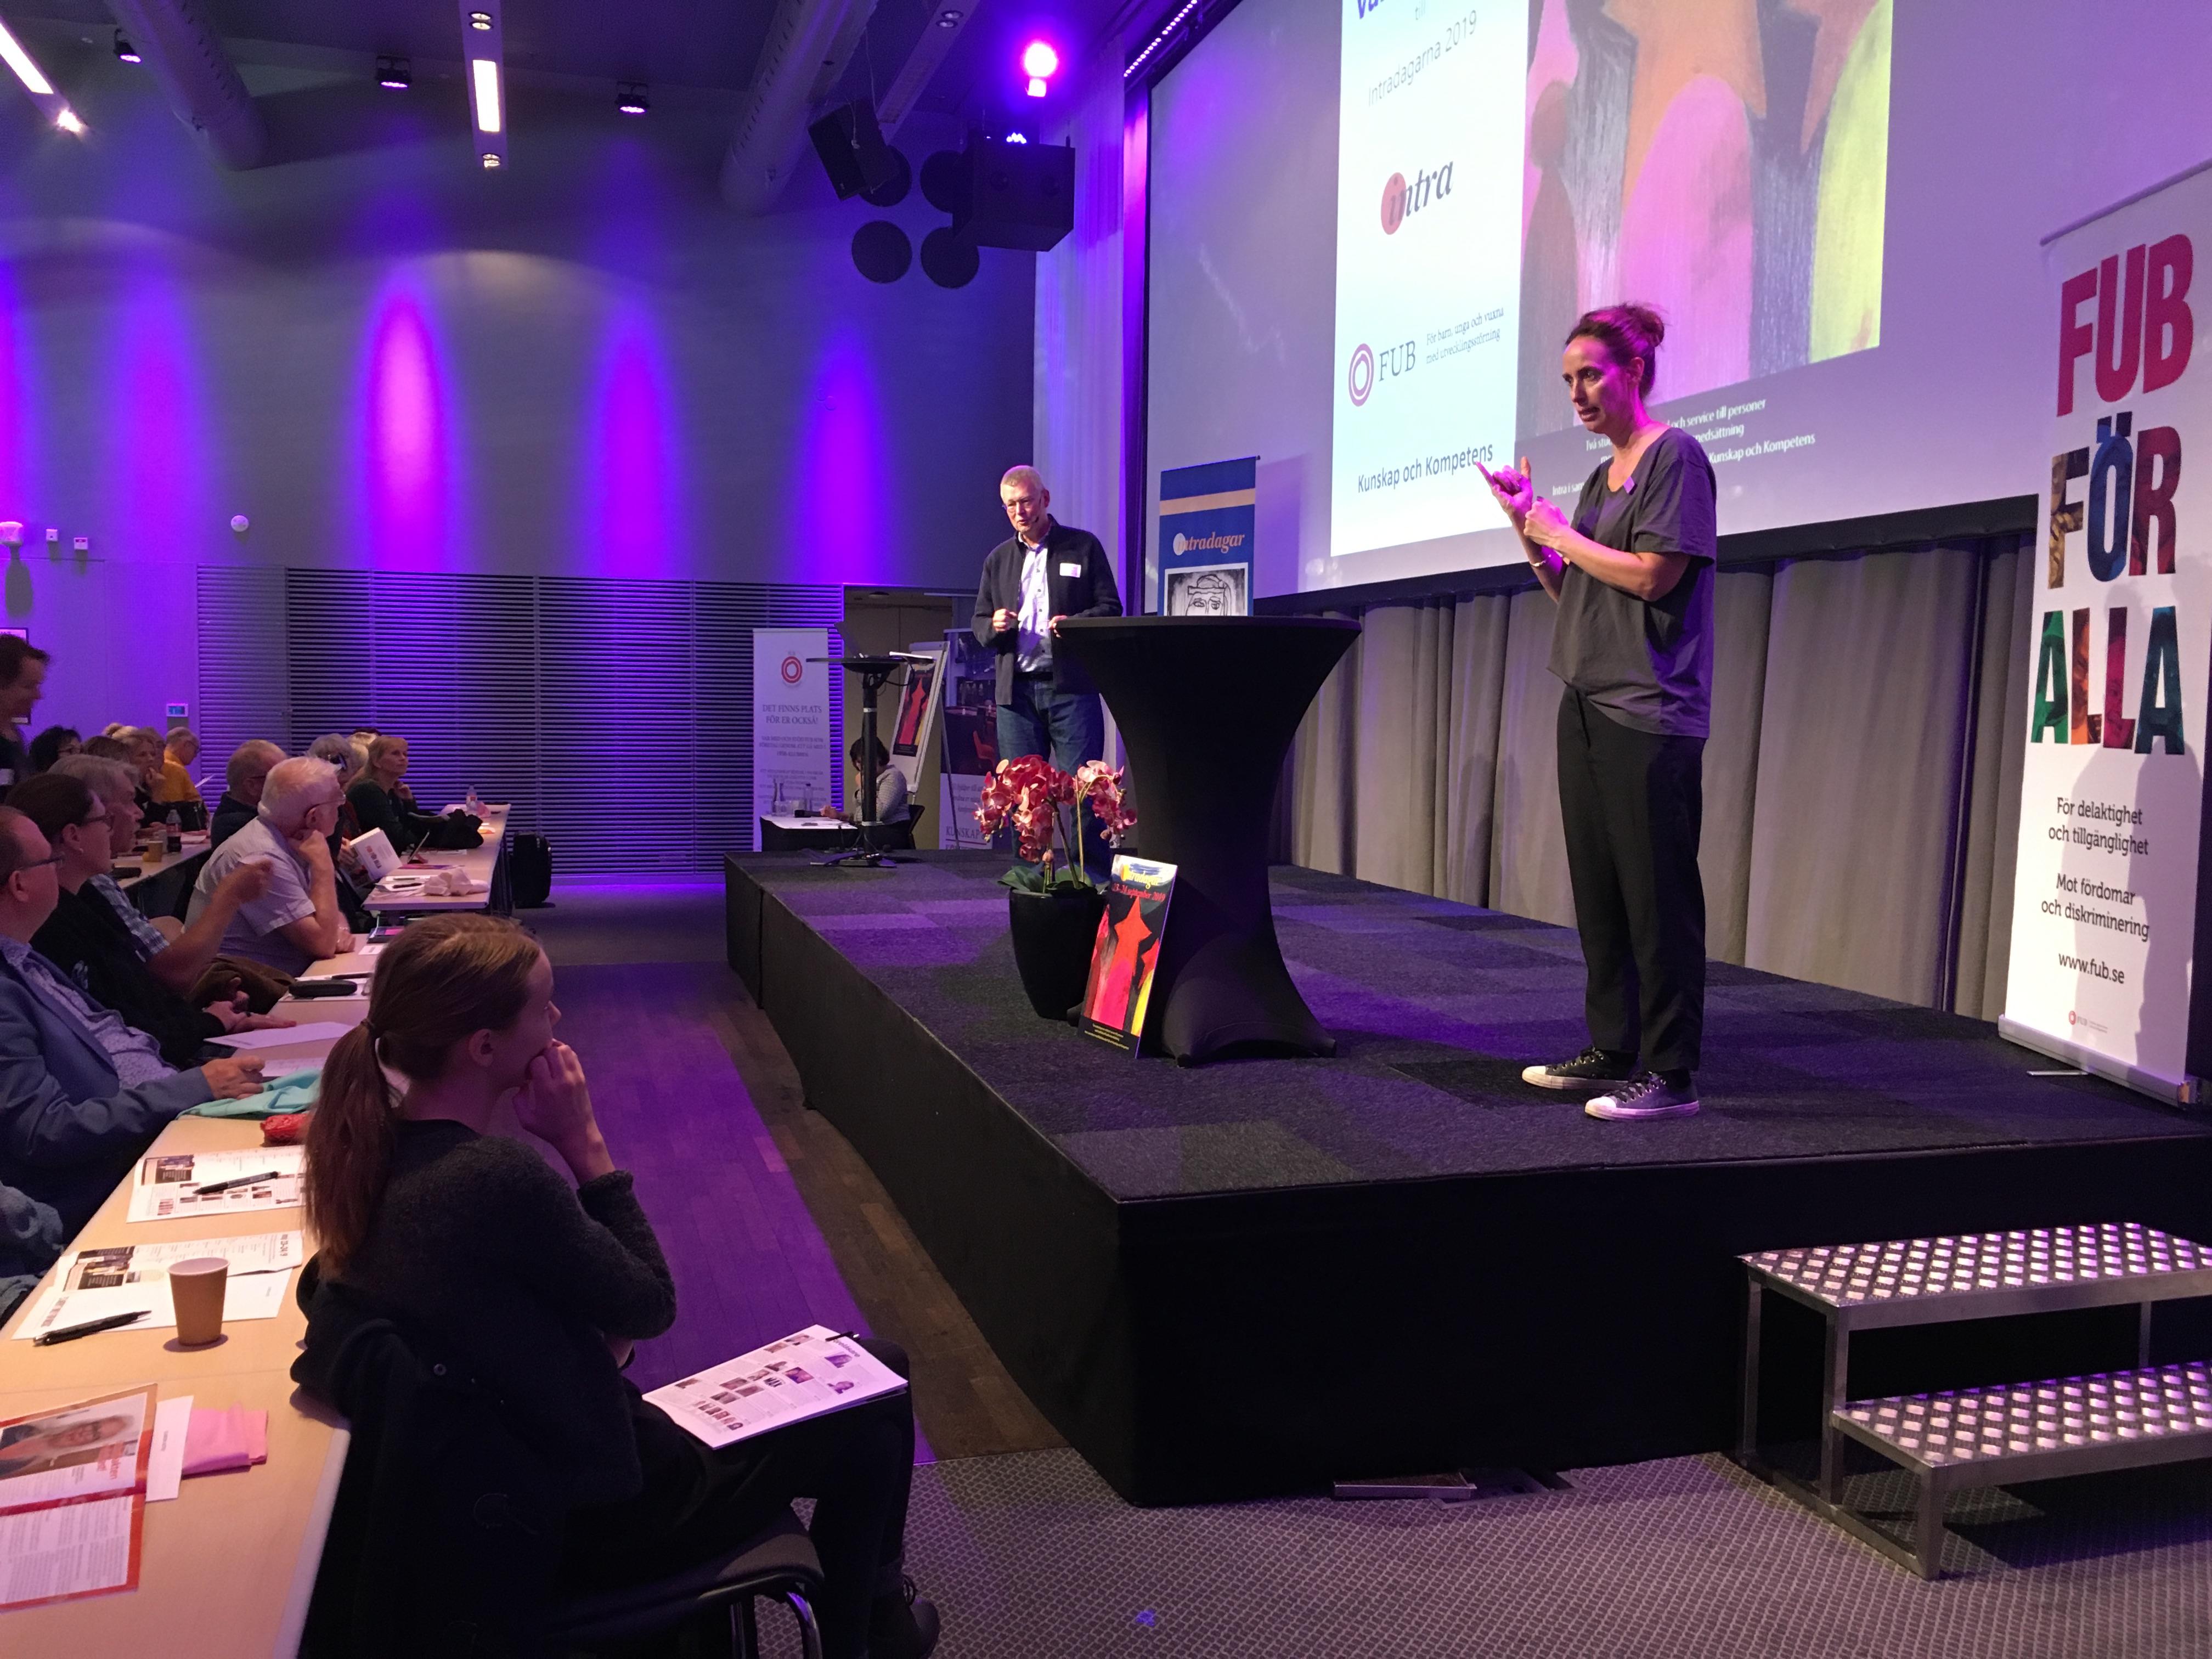 Intradagarna 2019: Egon Rommedahl föreläser, teckenspråkstolk och liten del av publiken syns